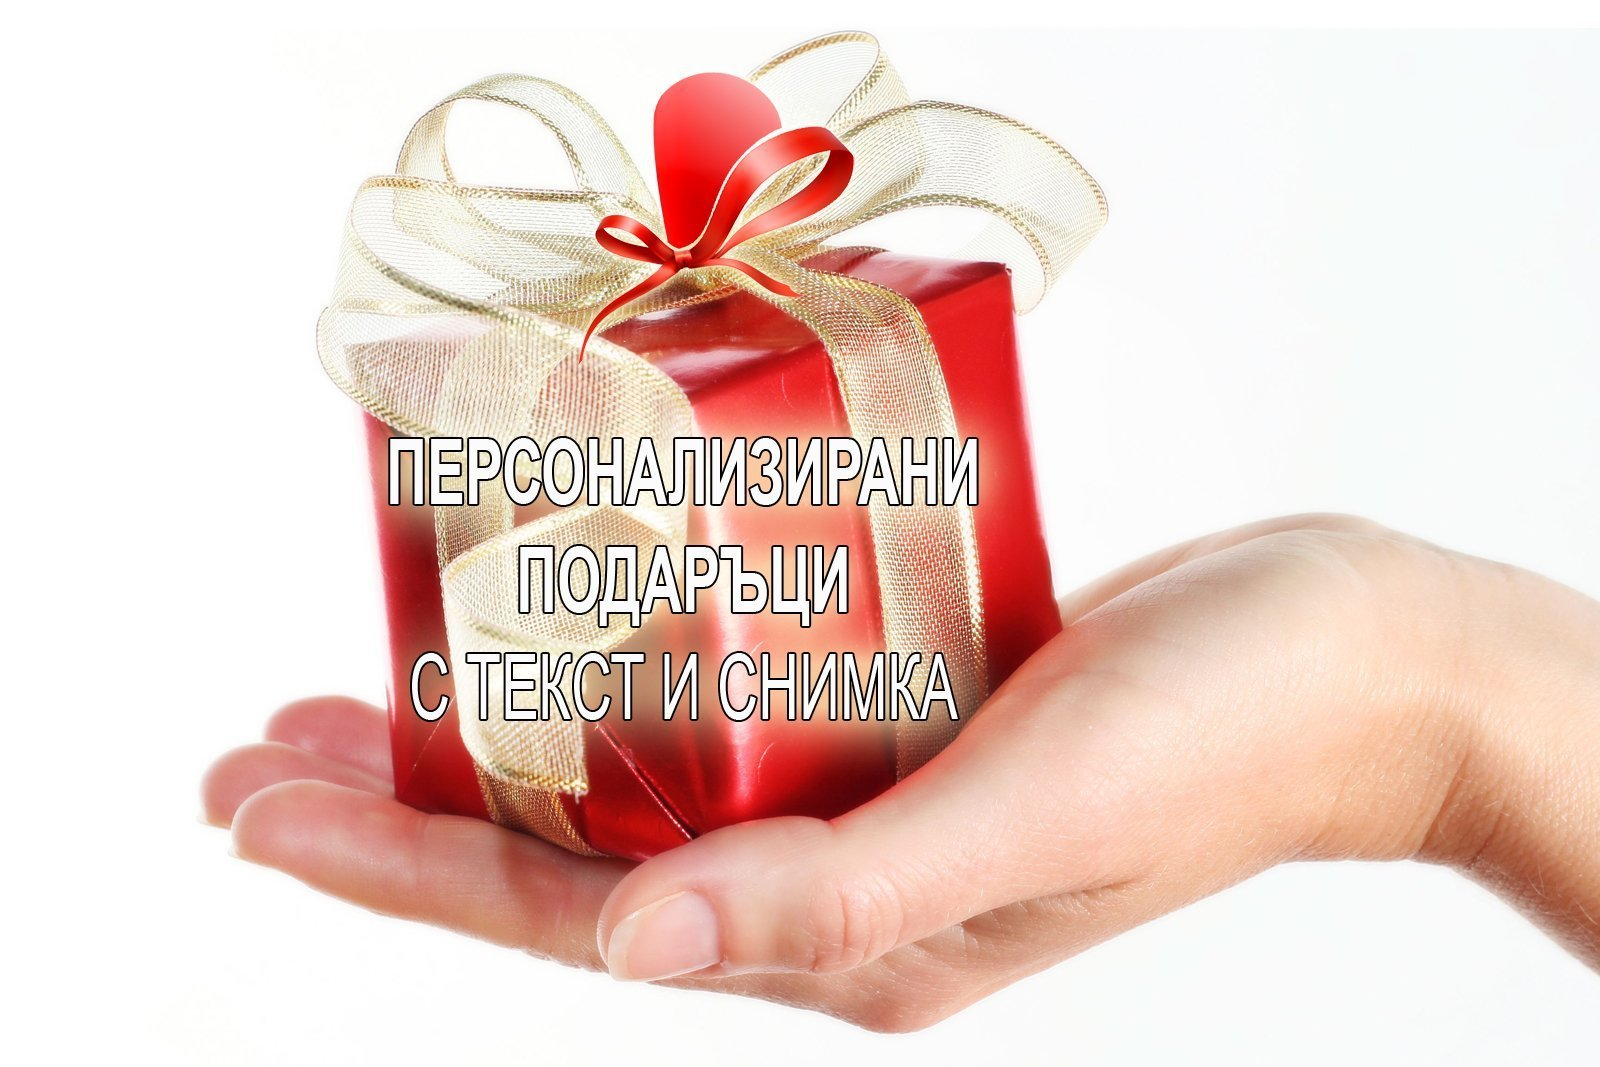 персонализирани подаръци